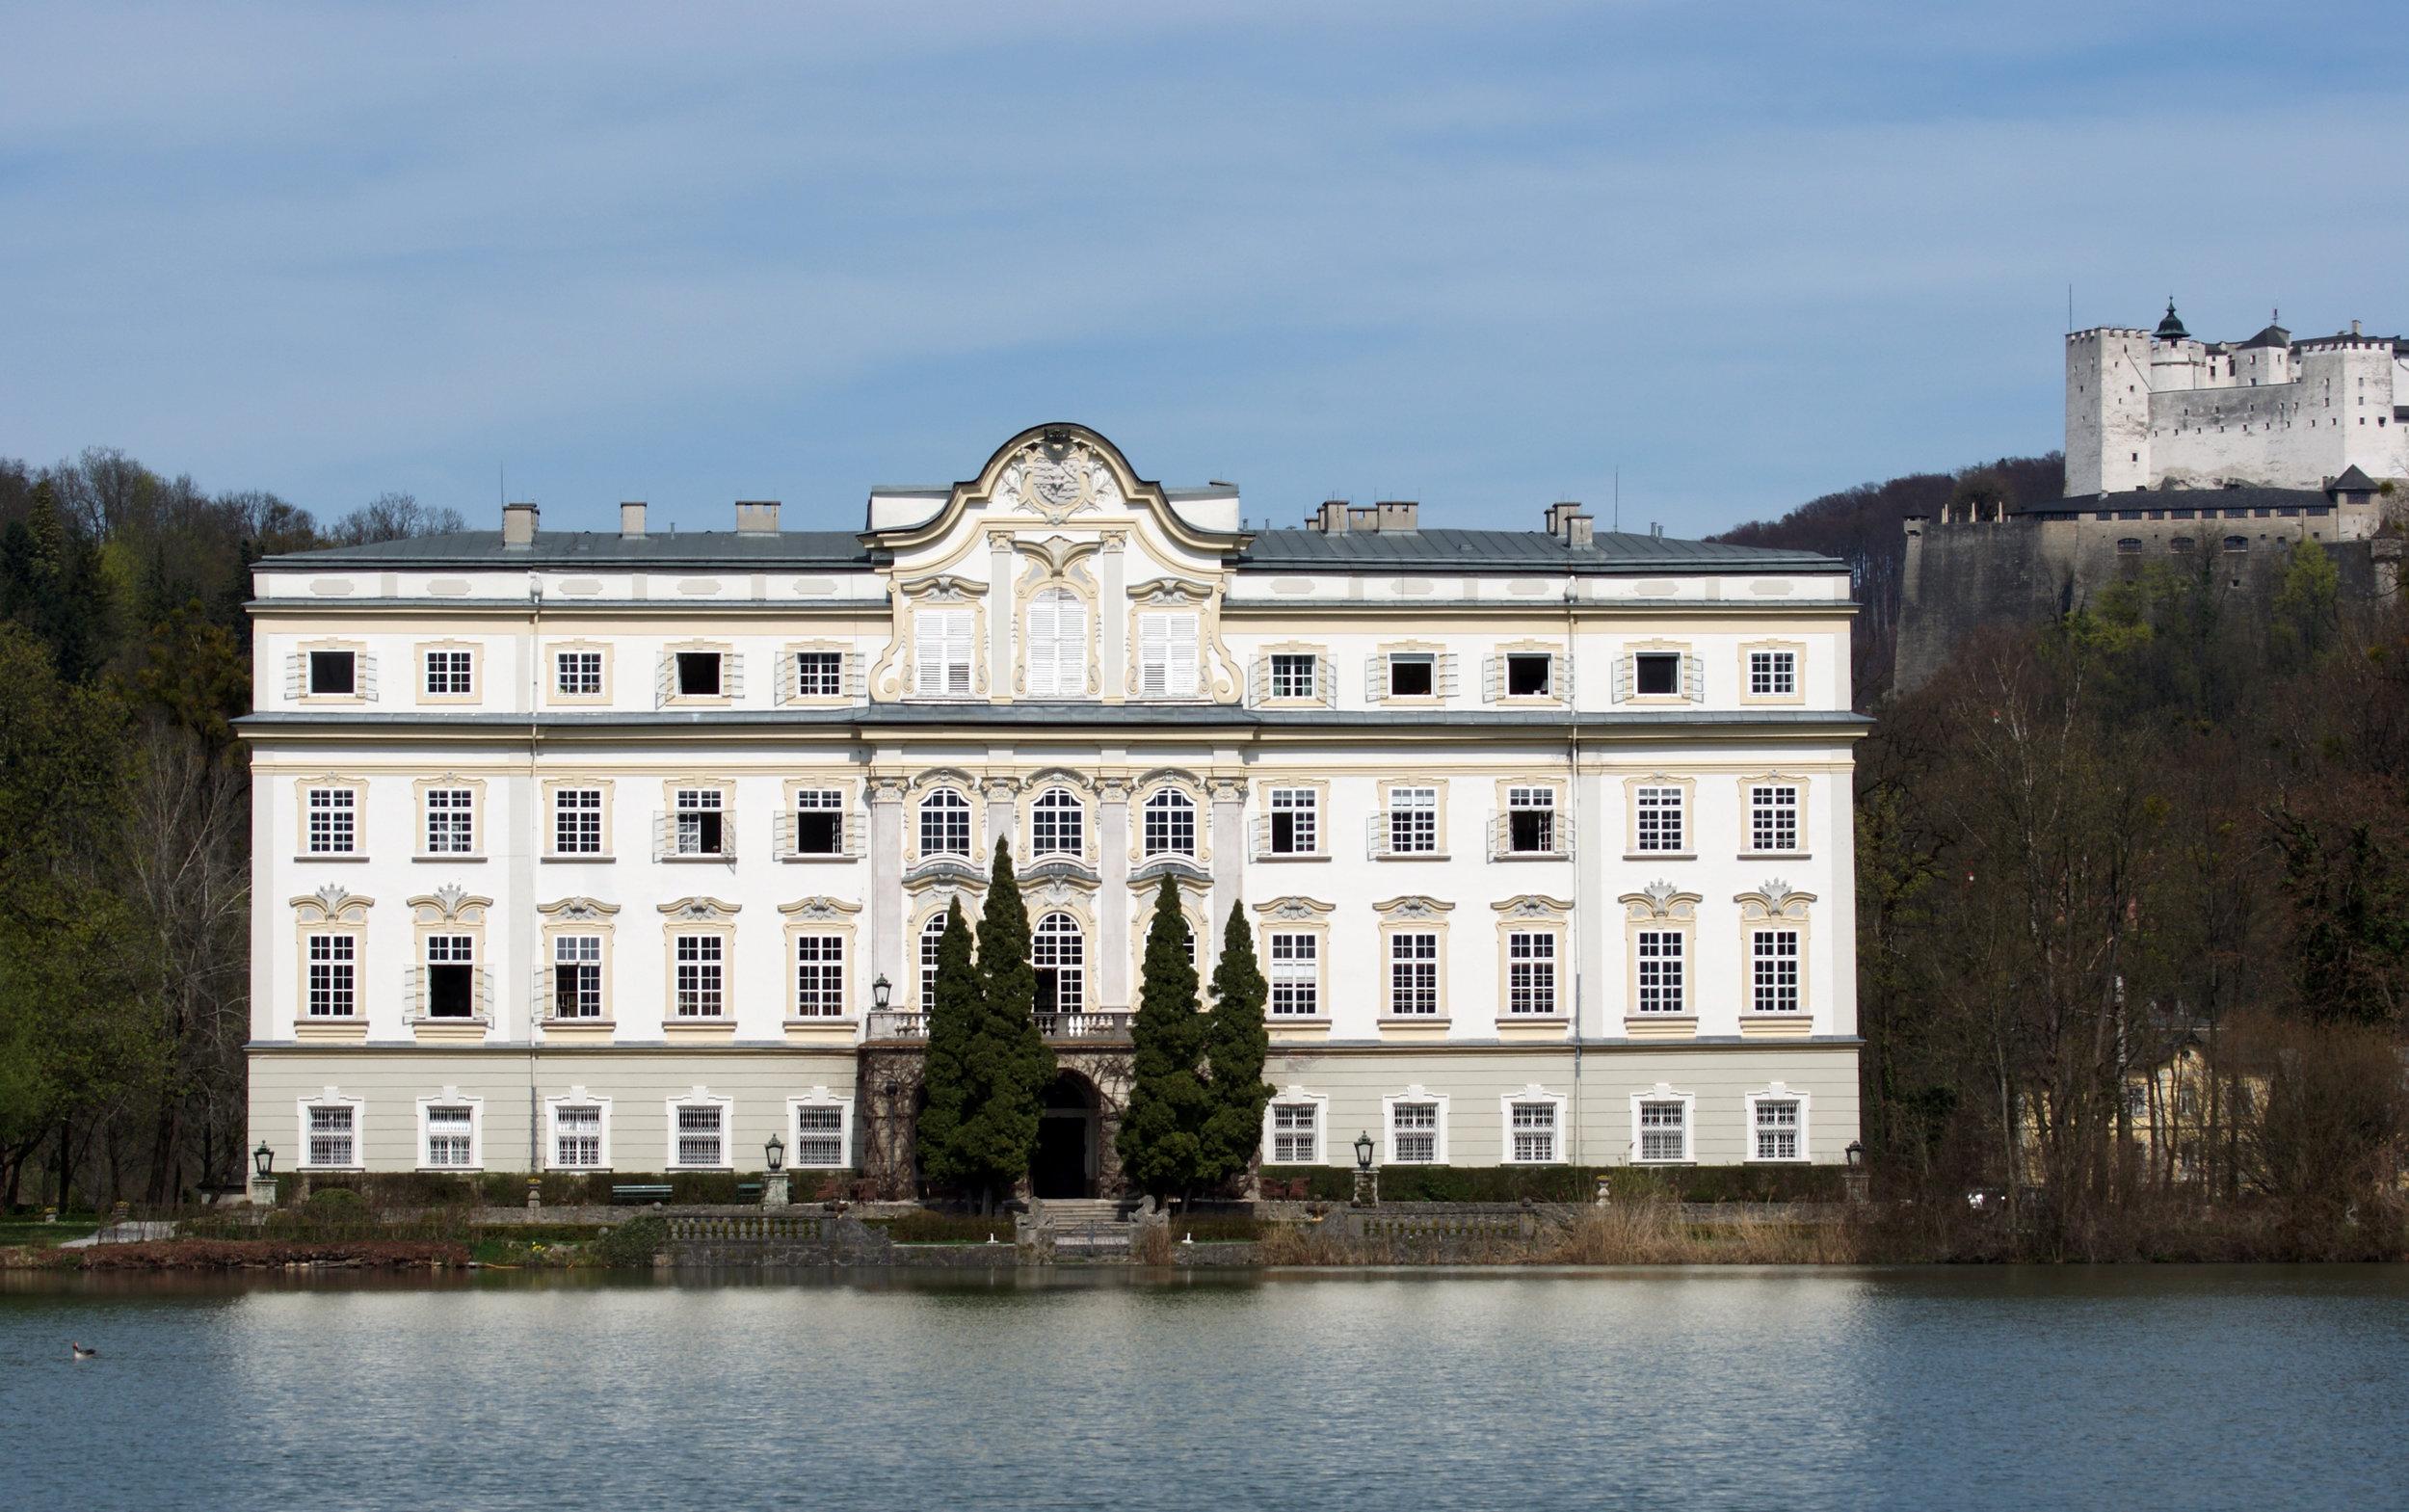 Schloss Leopoldskorn shot by  Simon Bernd Krazner  on  Wikimedia